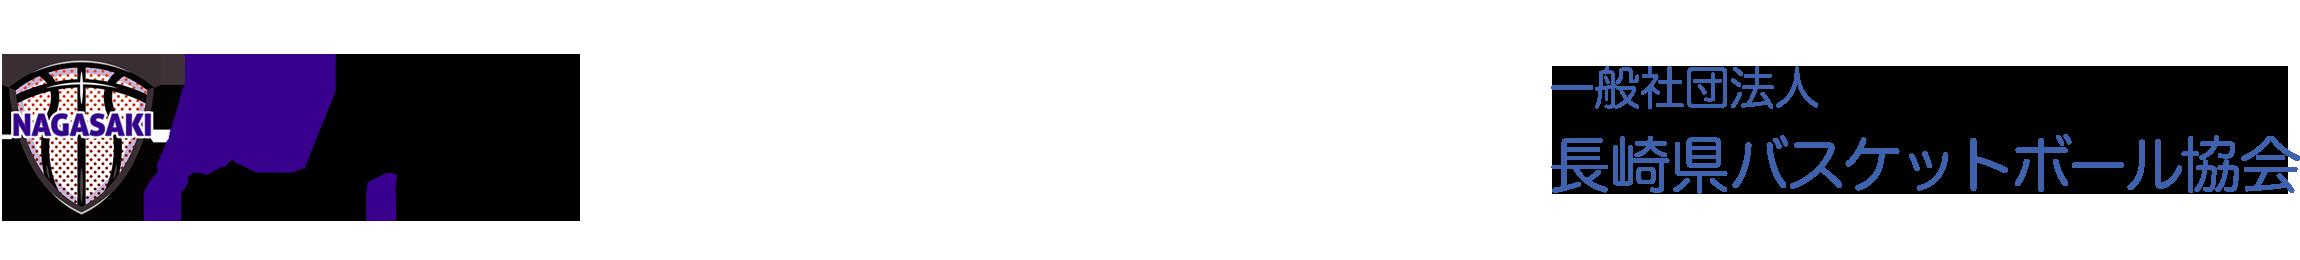 一般社団法人 長崎県バスケットボール協会